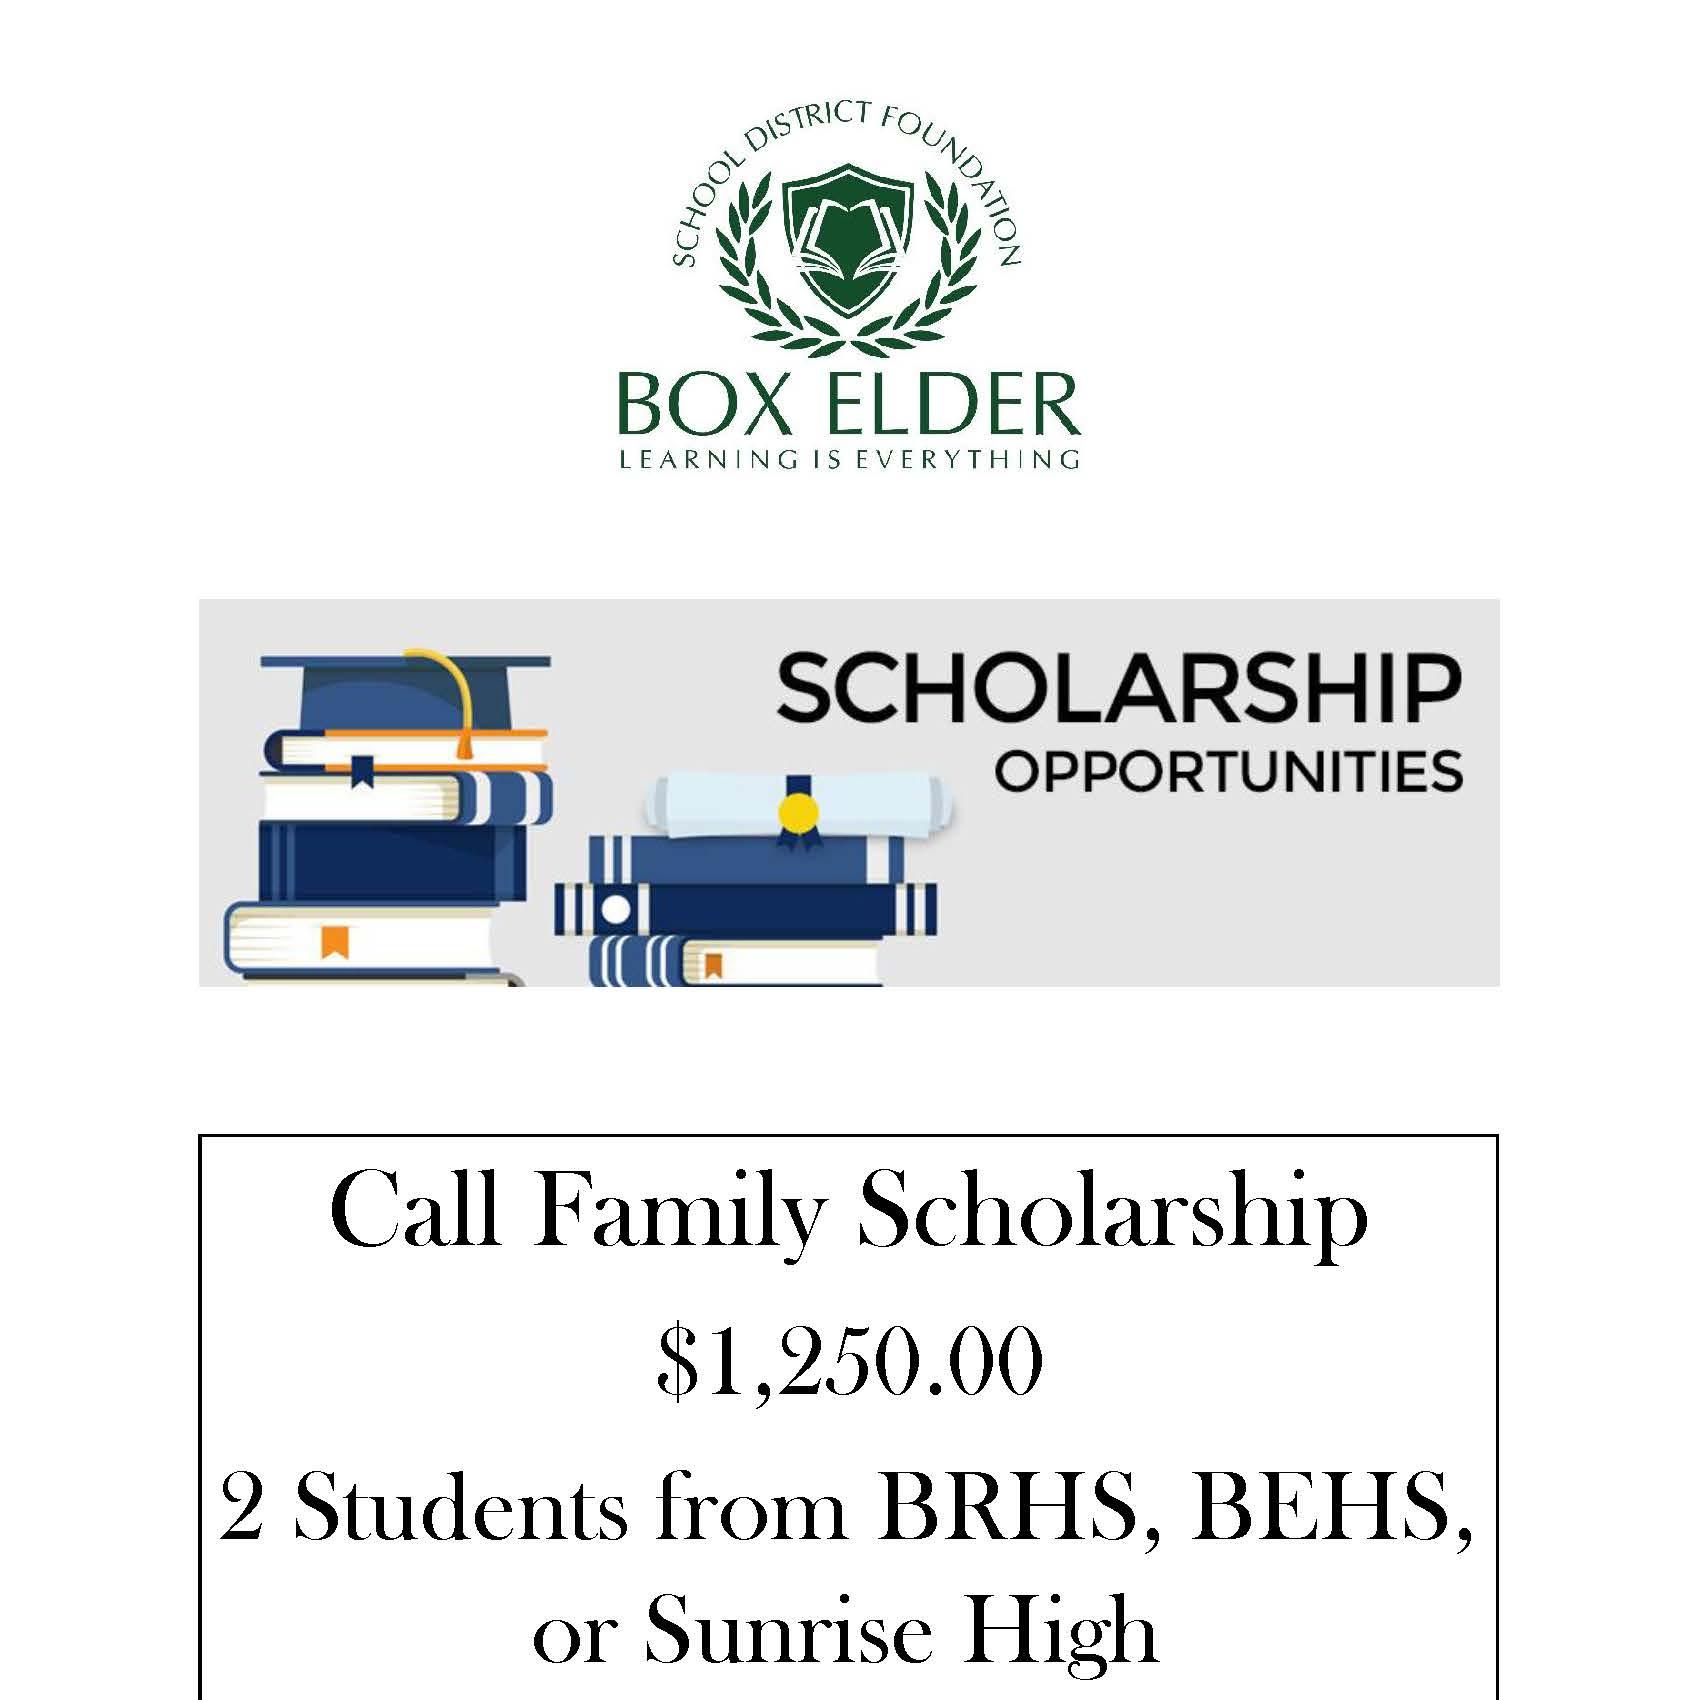 Call Family Scholarship